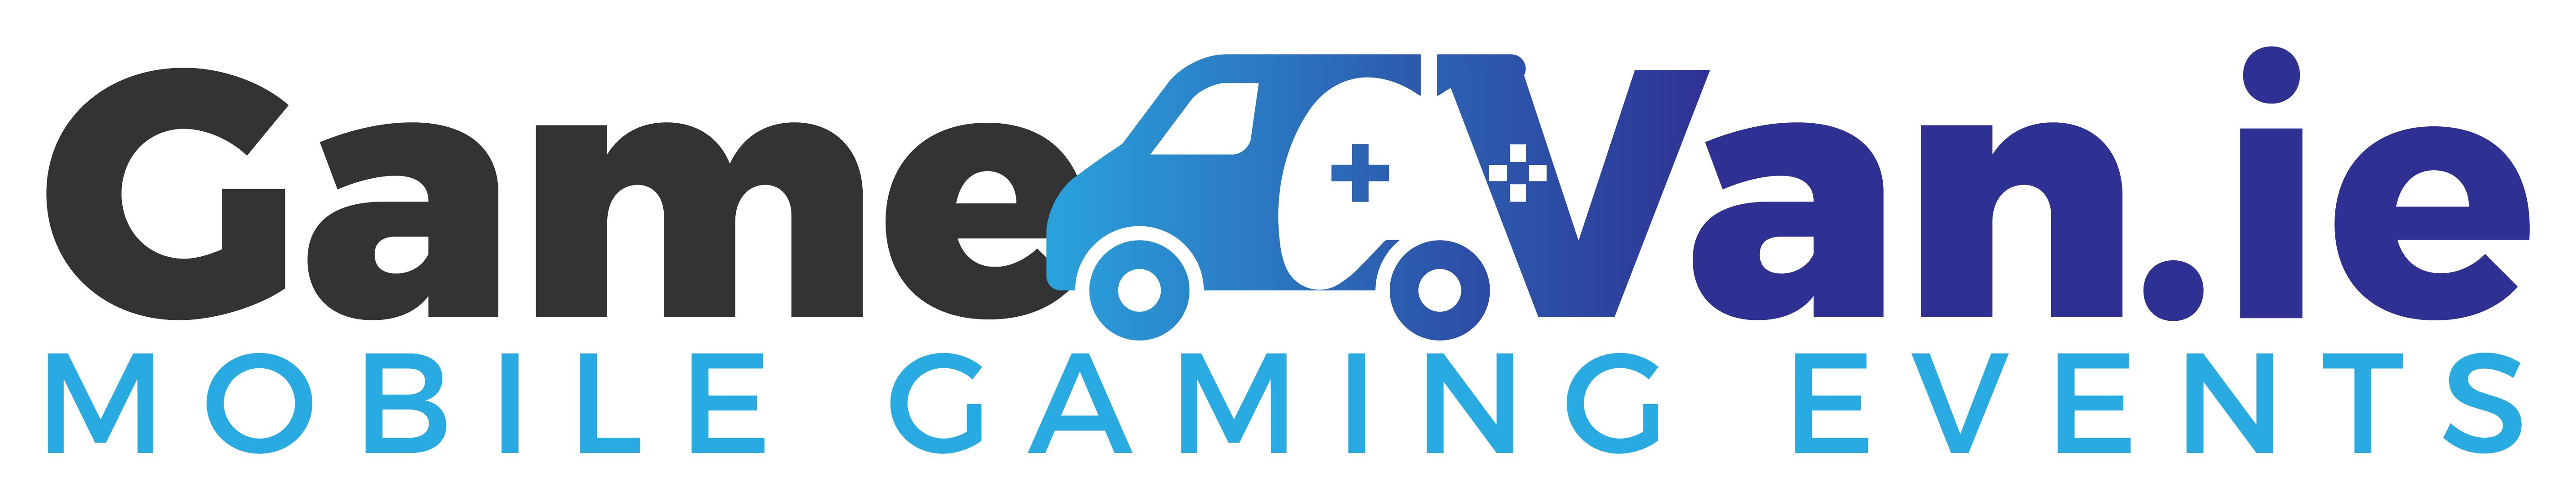 GameVan.ie - Gaming Van Dublin Ireland